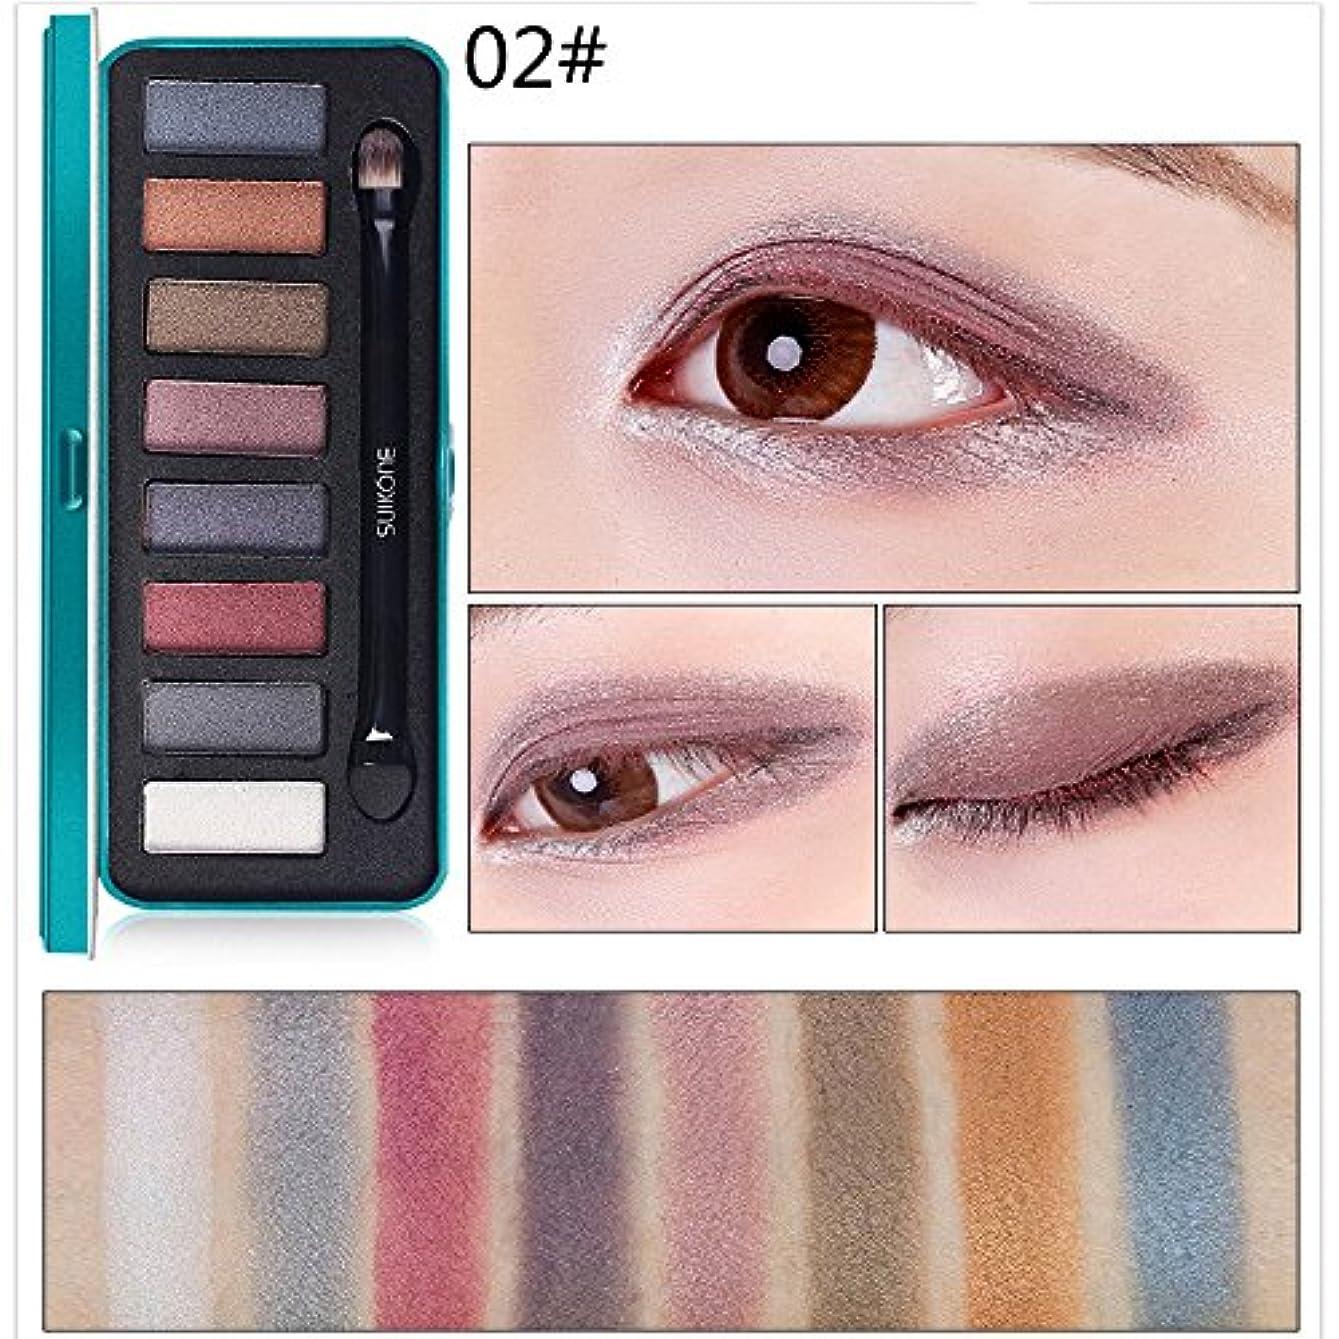 名前で大宇宙抑制Akane アイシャドウパレット Suikone ファッション 人気 気質的 綺麗 メタルボックス 魅力的 チャーム 防水 長持ち おしゃれ 持ち便利 Eye Shadow (8色)